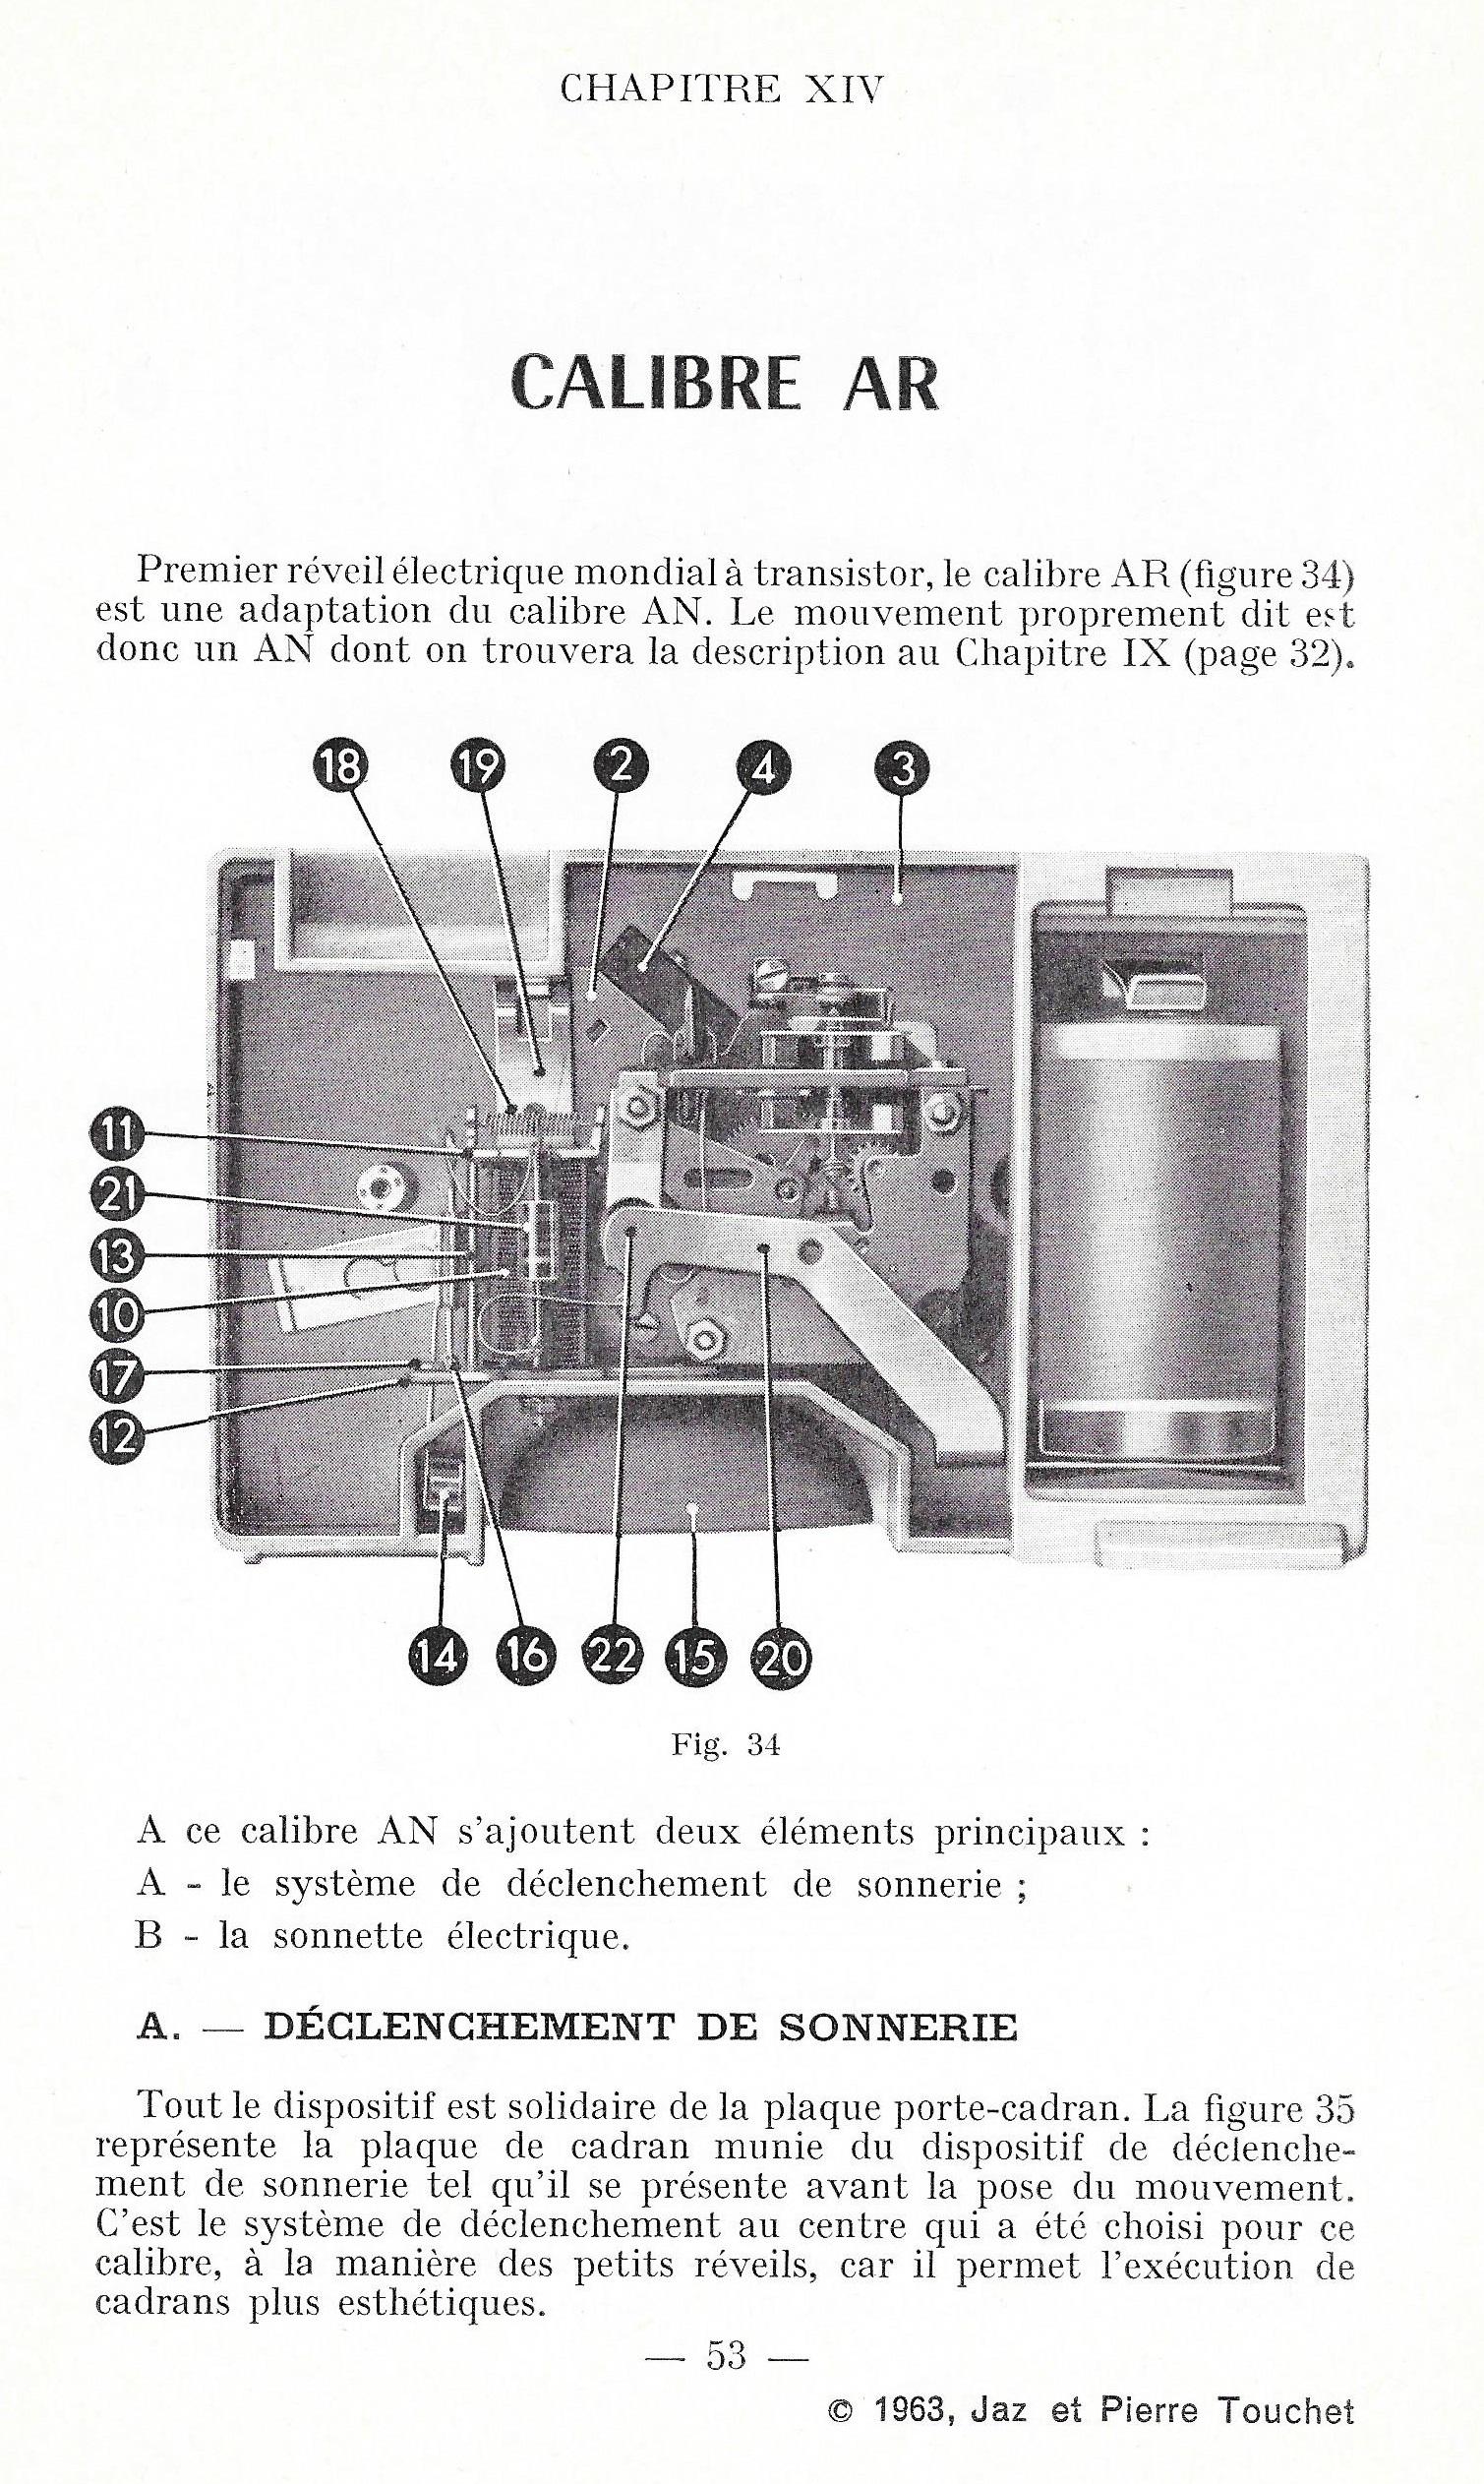 calibre AR fiche technique 1